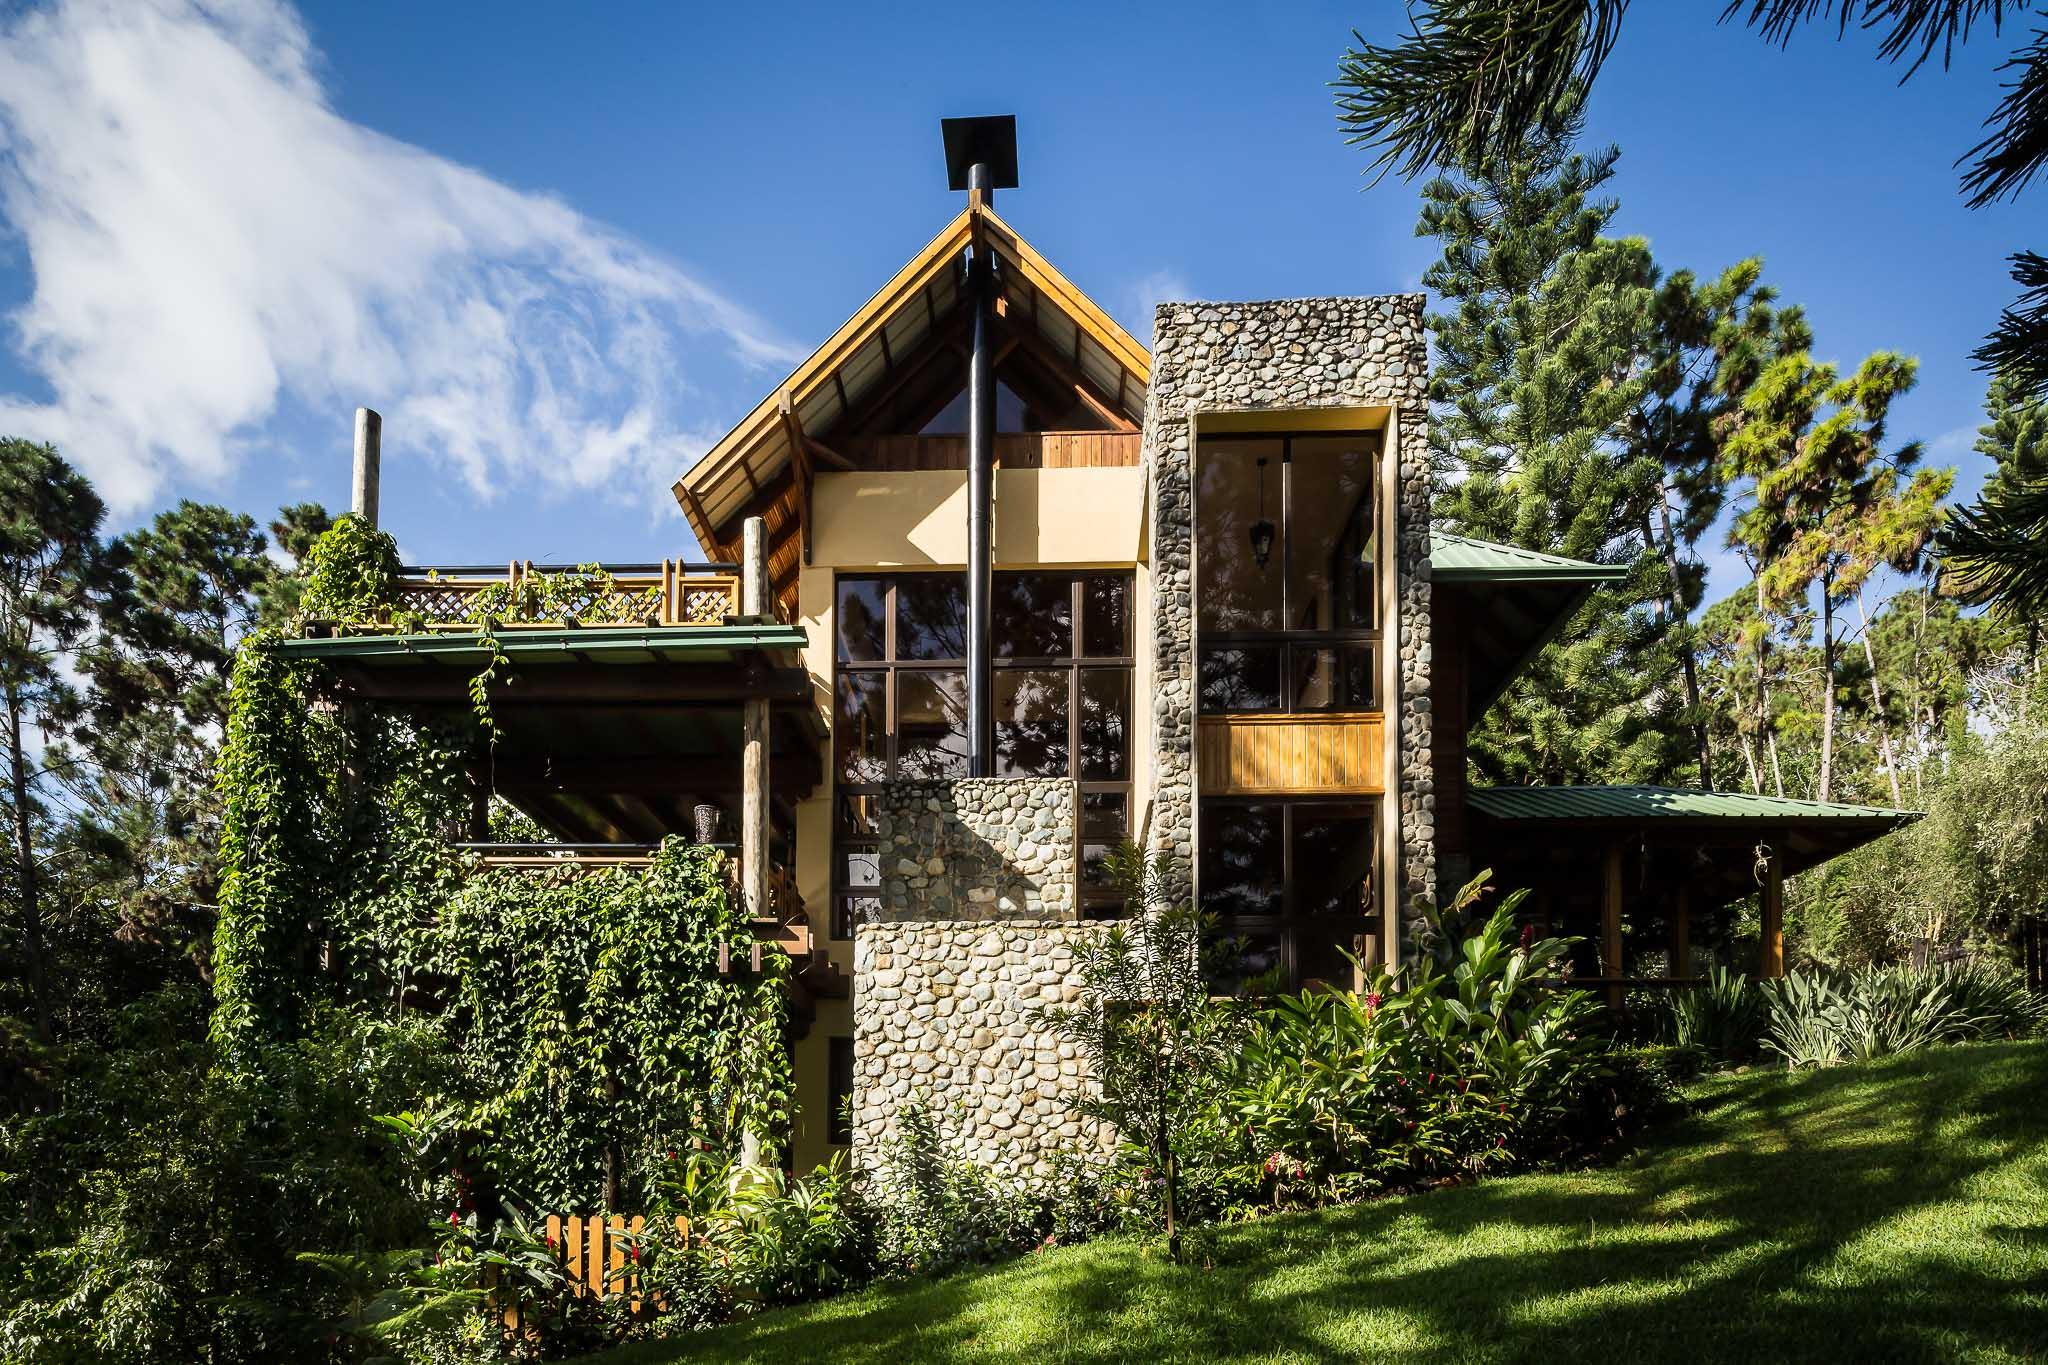 Villa pino alto provaltur for Villas en jarabacoa